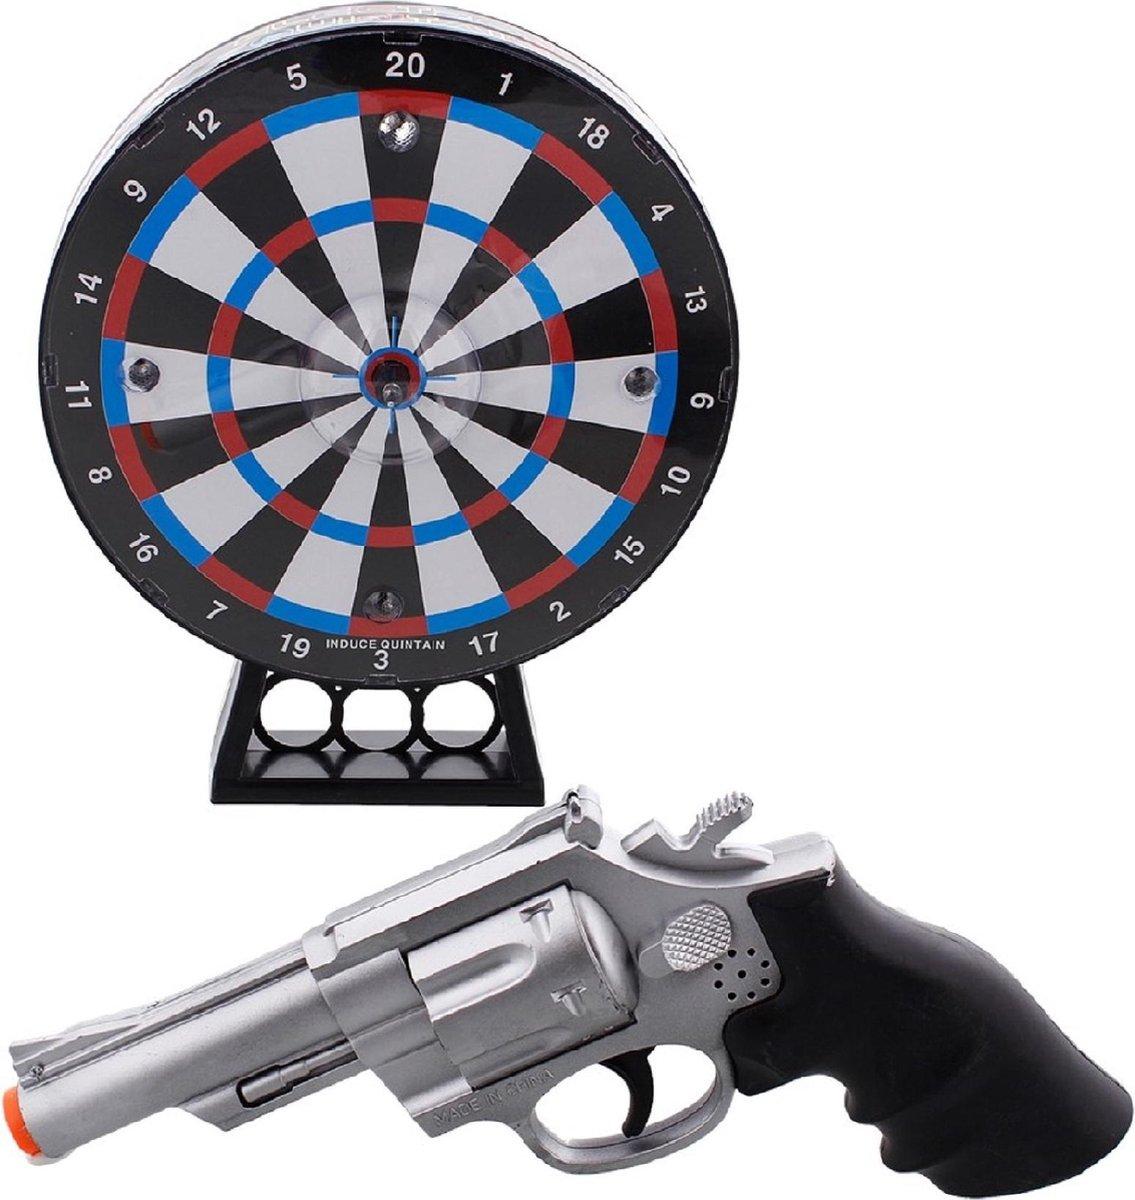 laser dartbord - dartbord - dartbord zonder dartpijlen - dartpijlen - dartmat